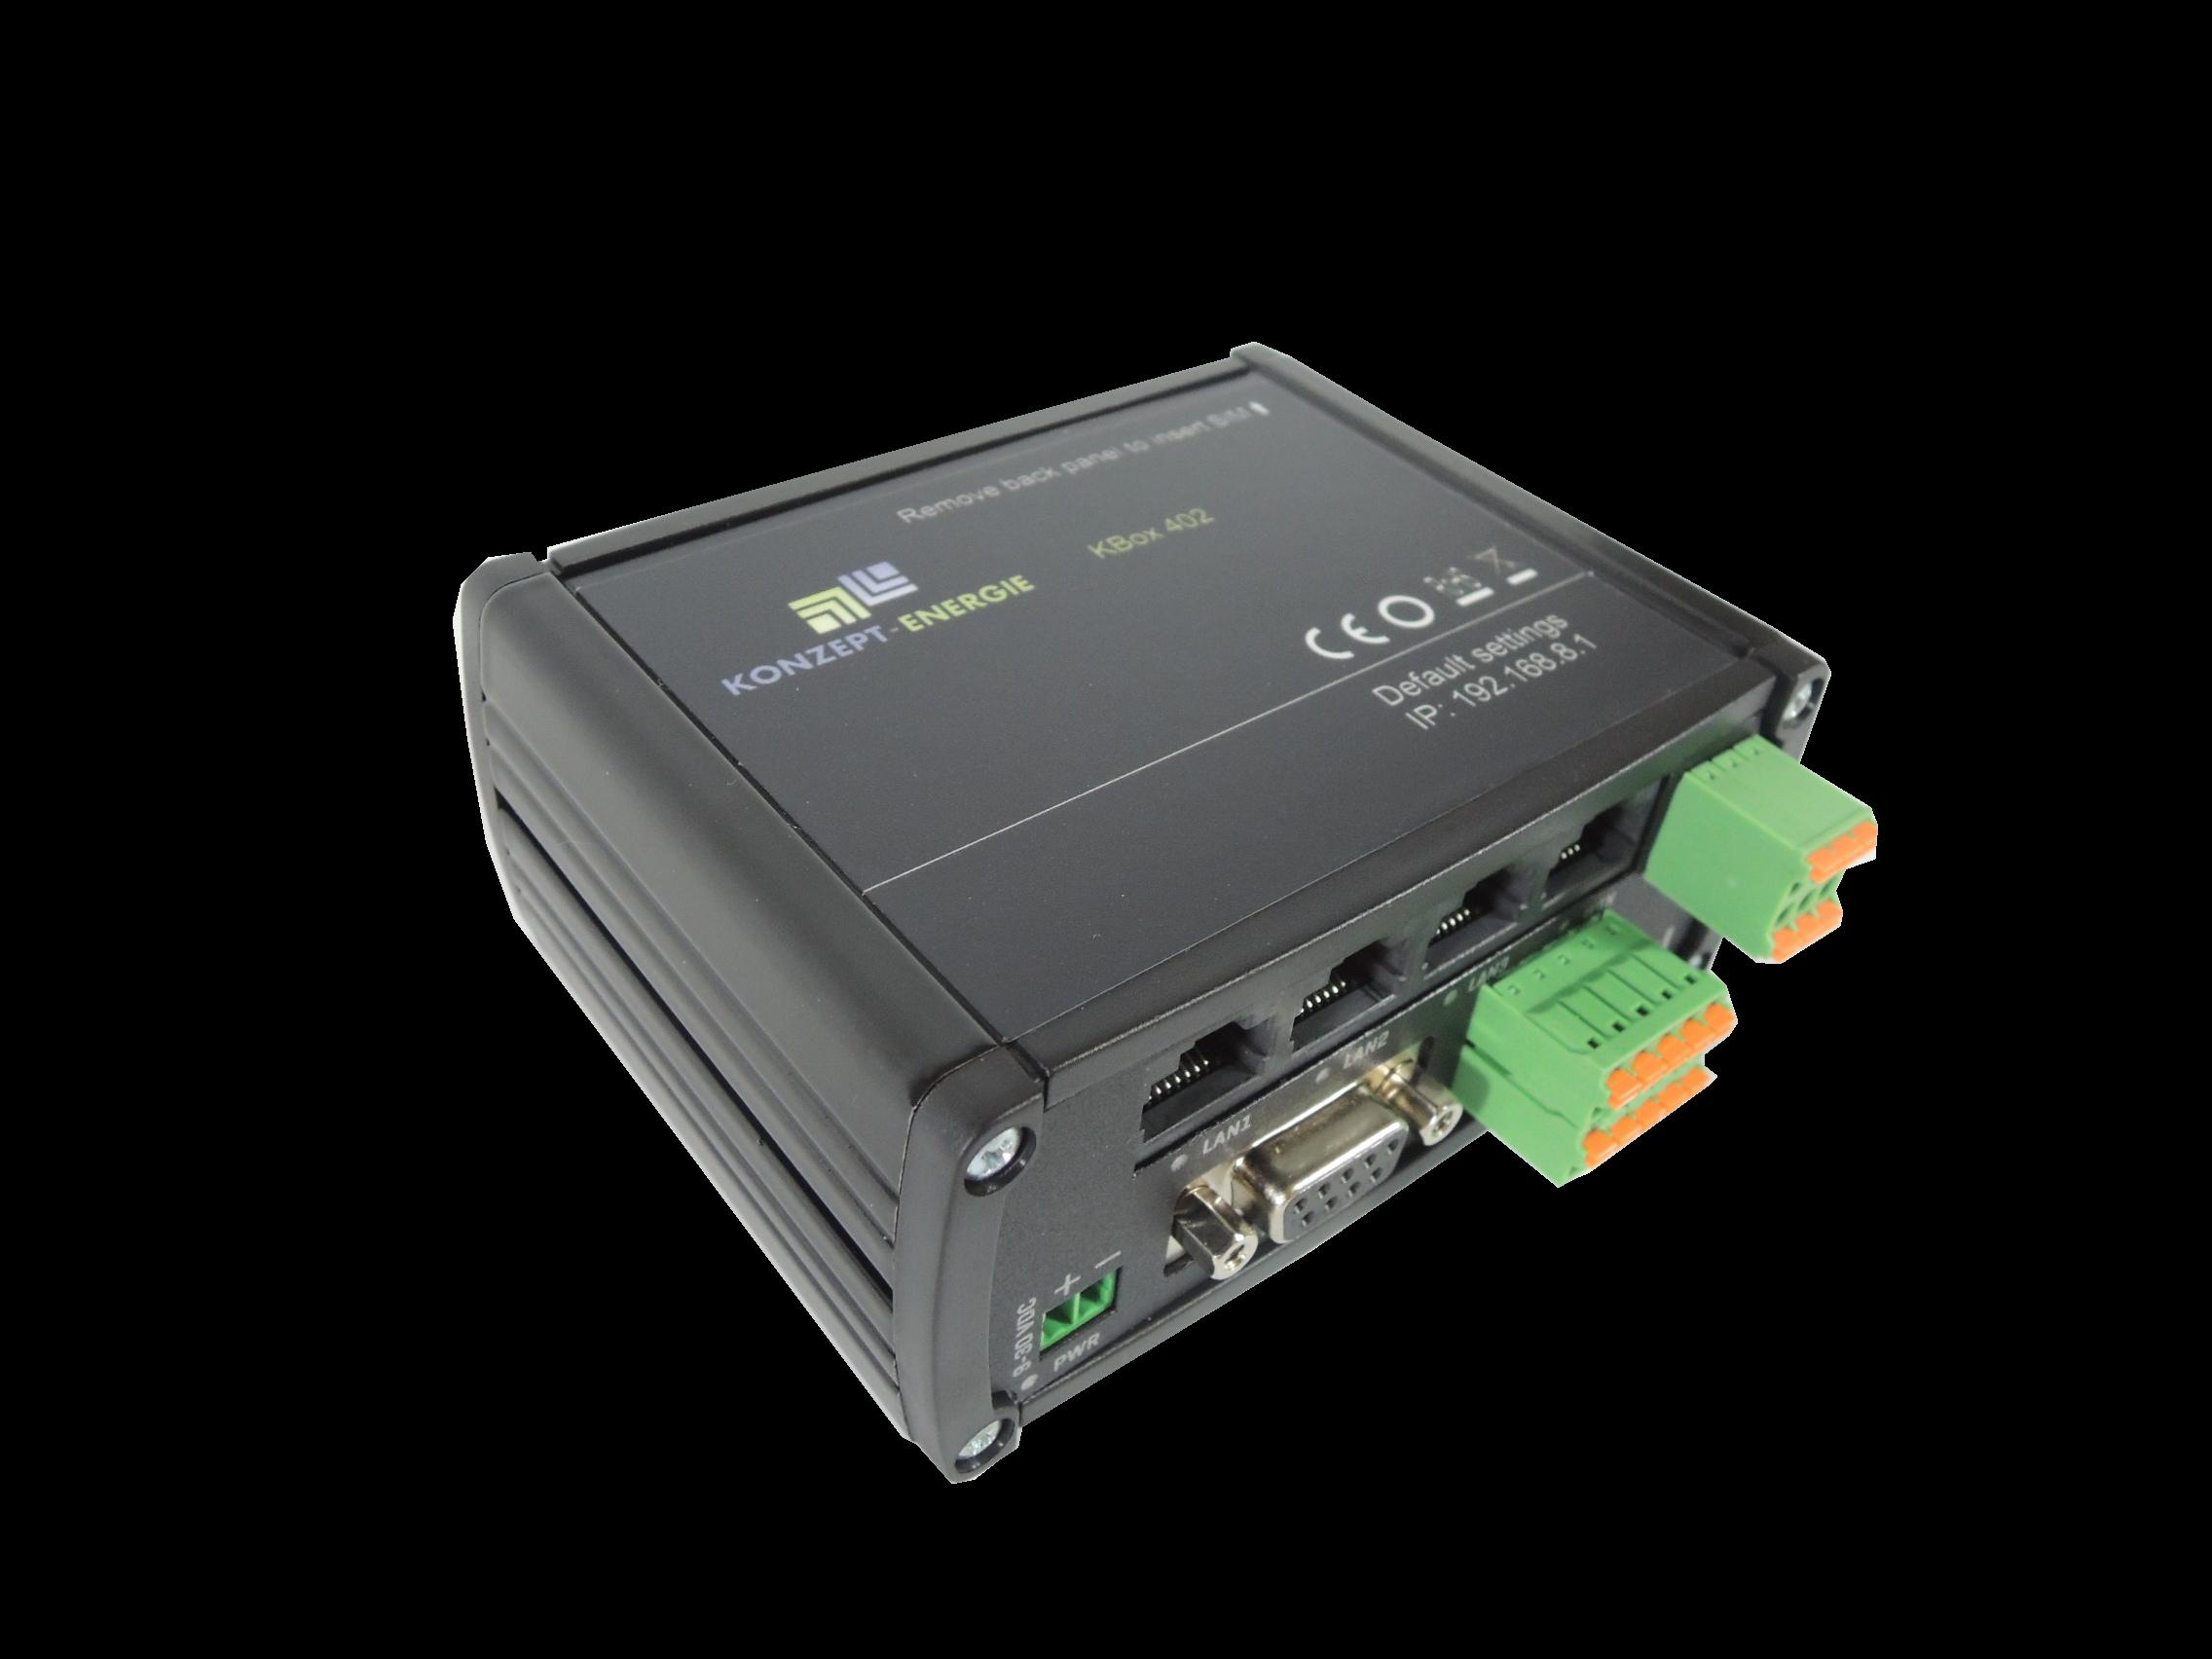 Der Mobilfunk Router zur Vernetzung von Anlagen und Maschinen